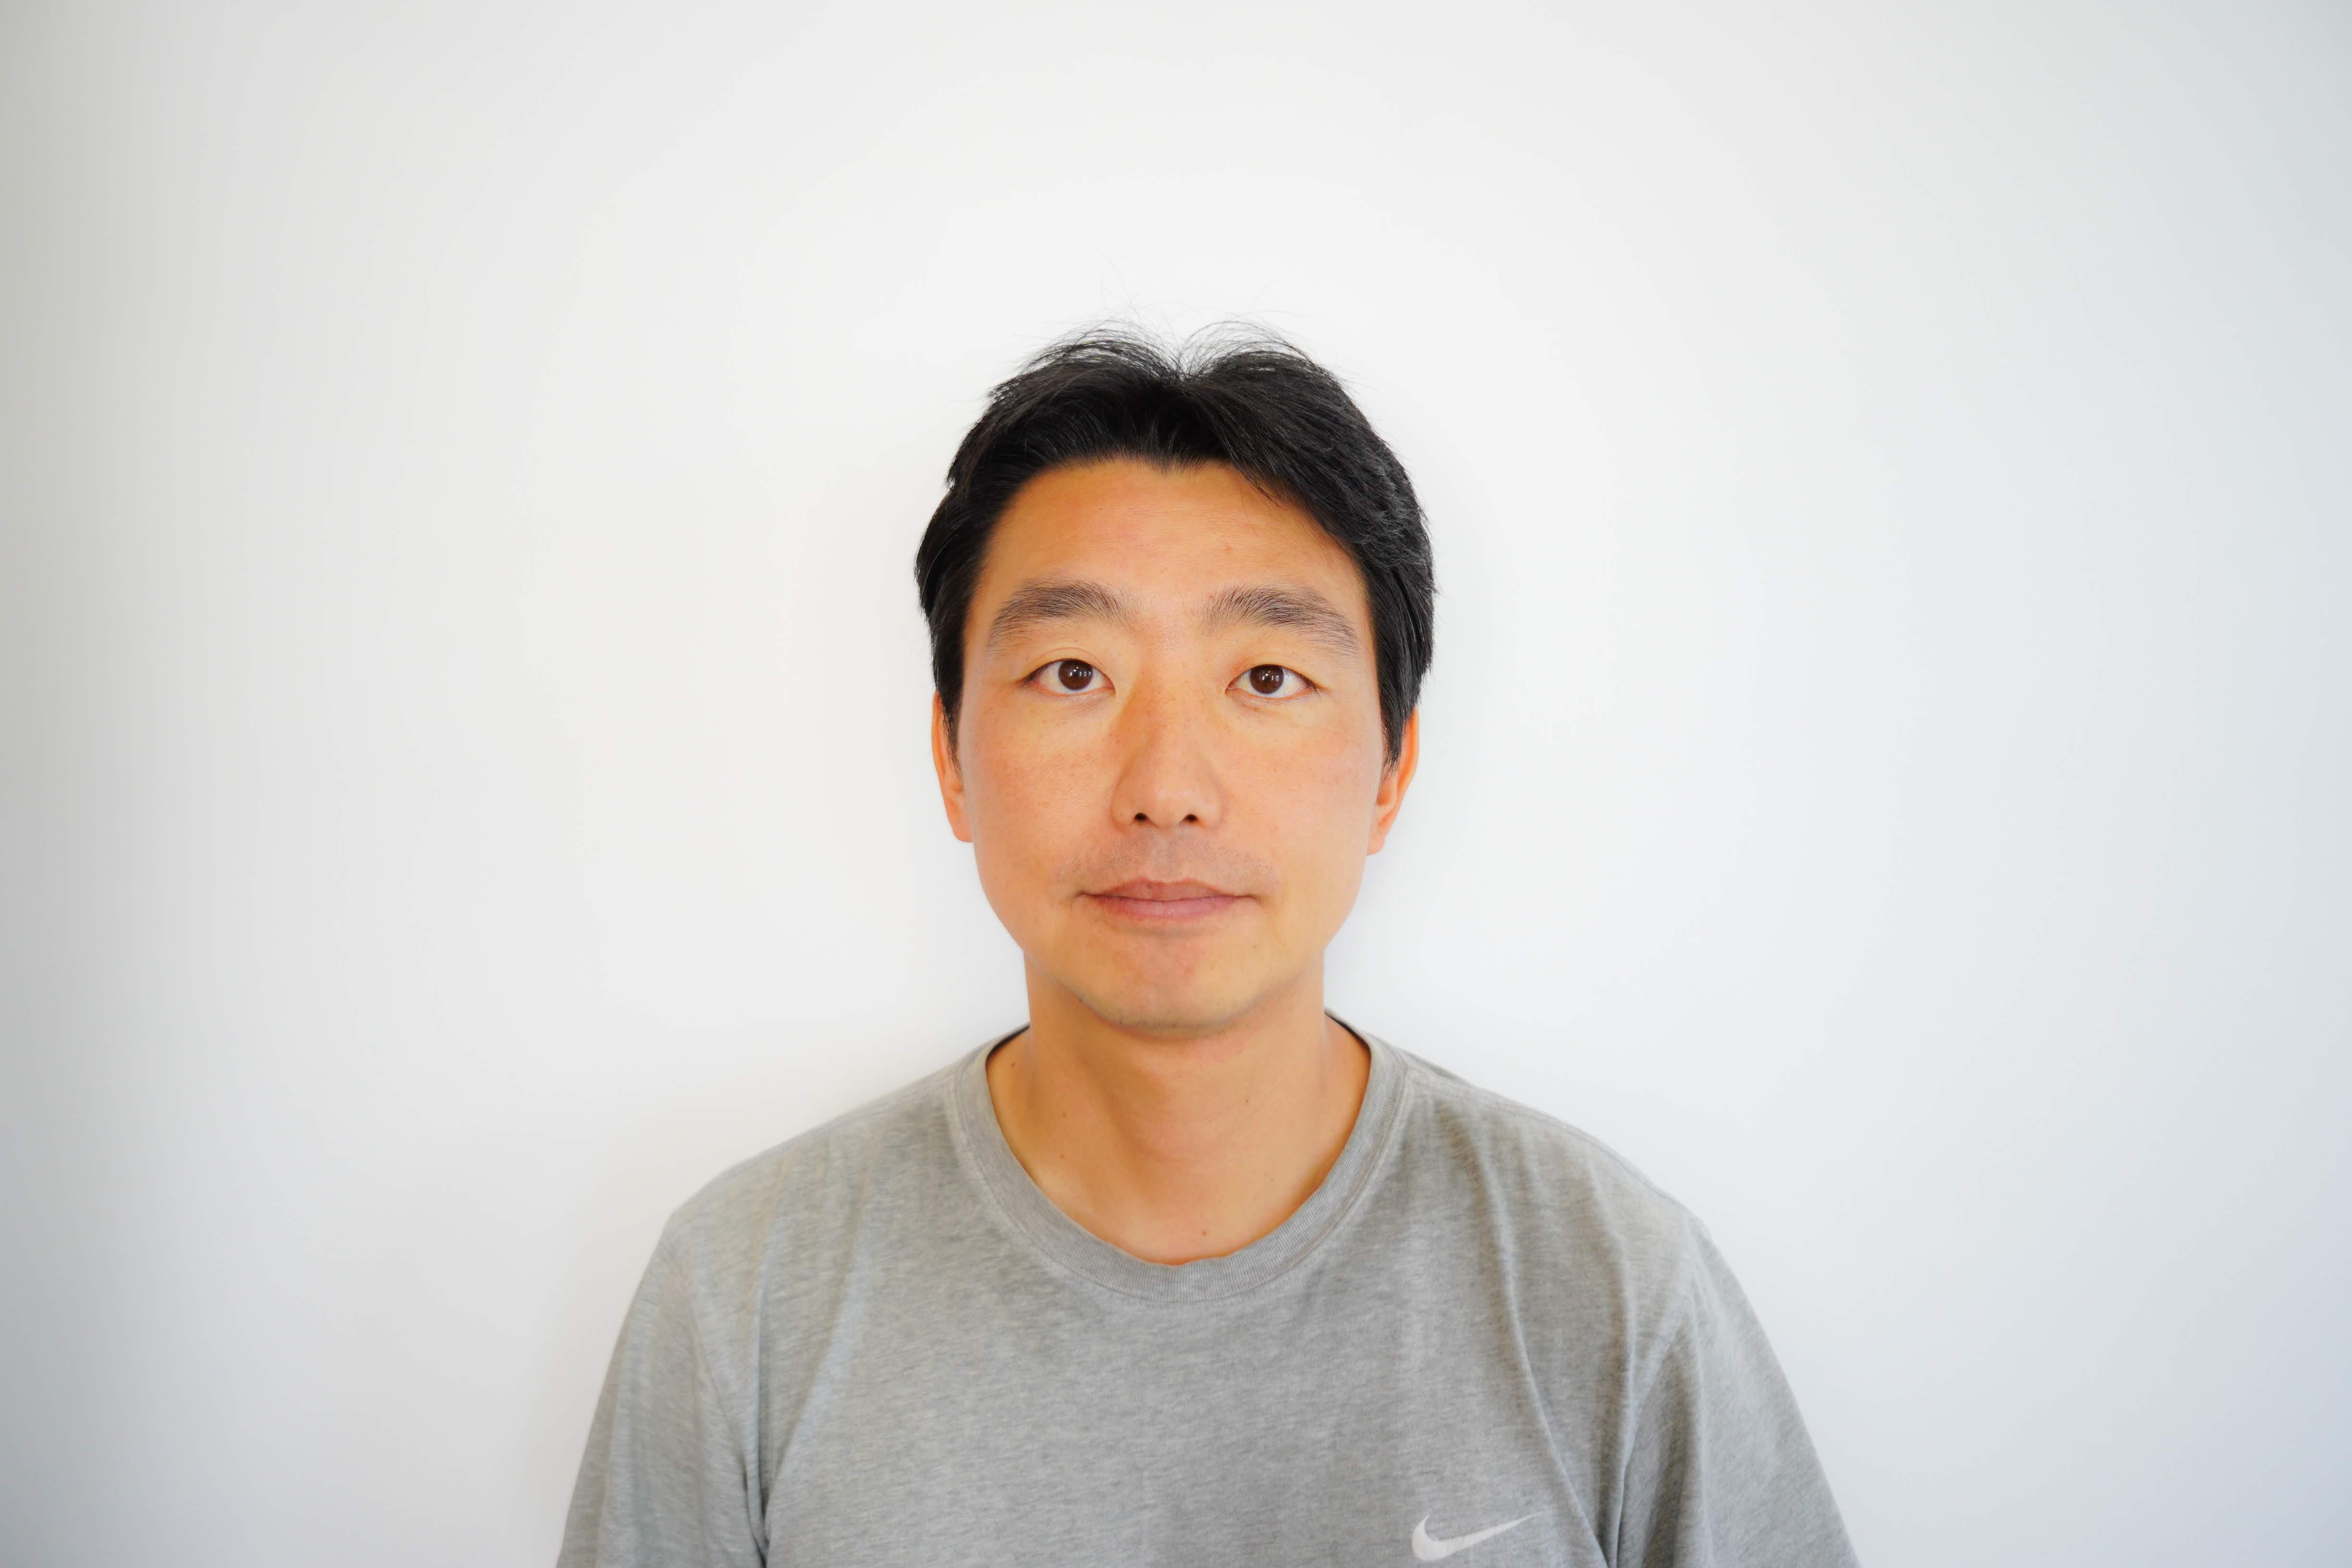 박동호의 프로필 이미지